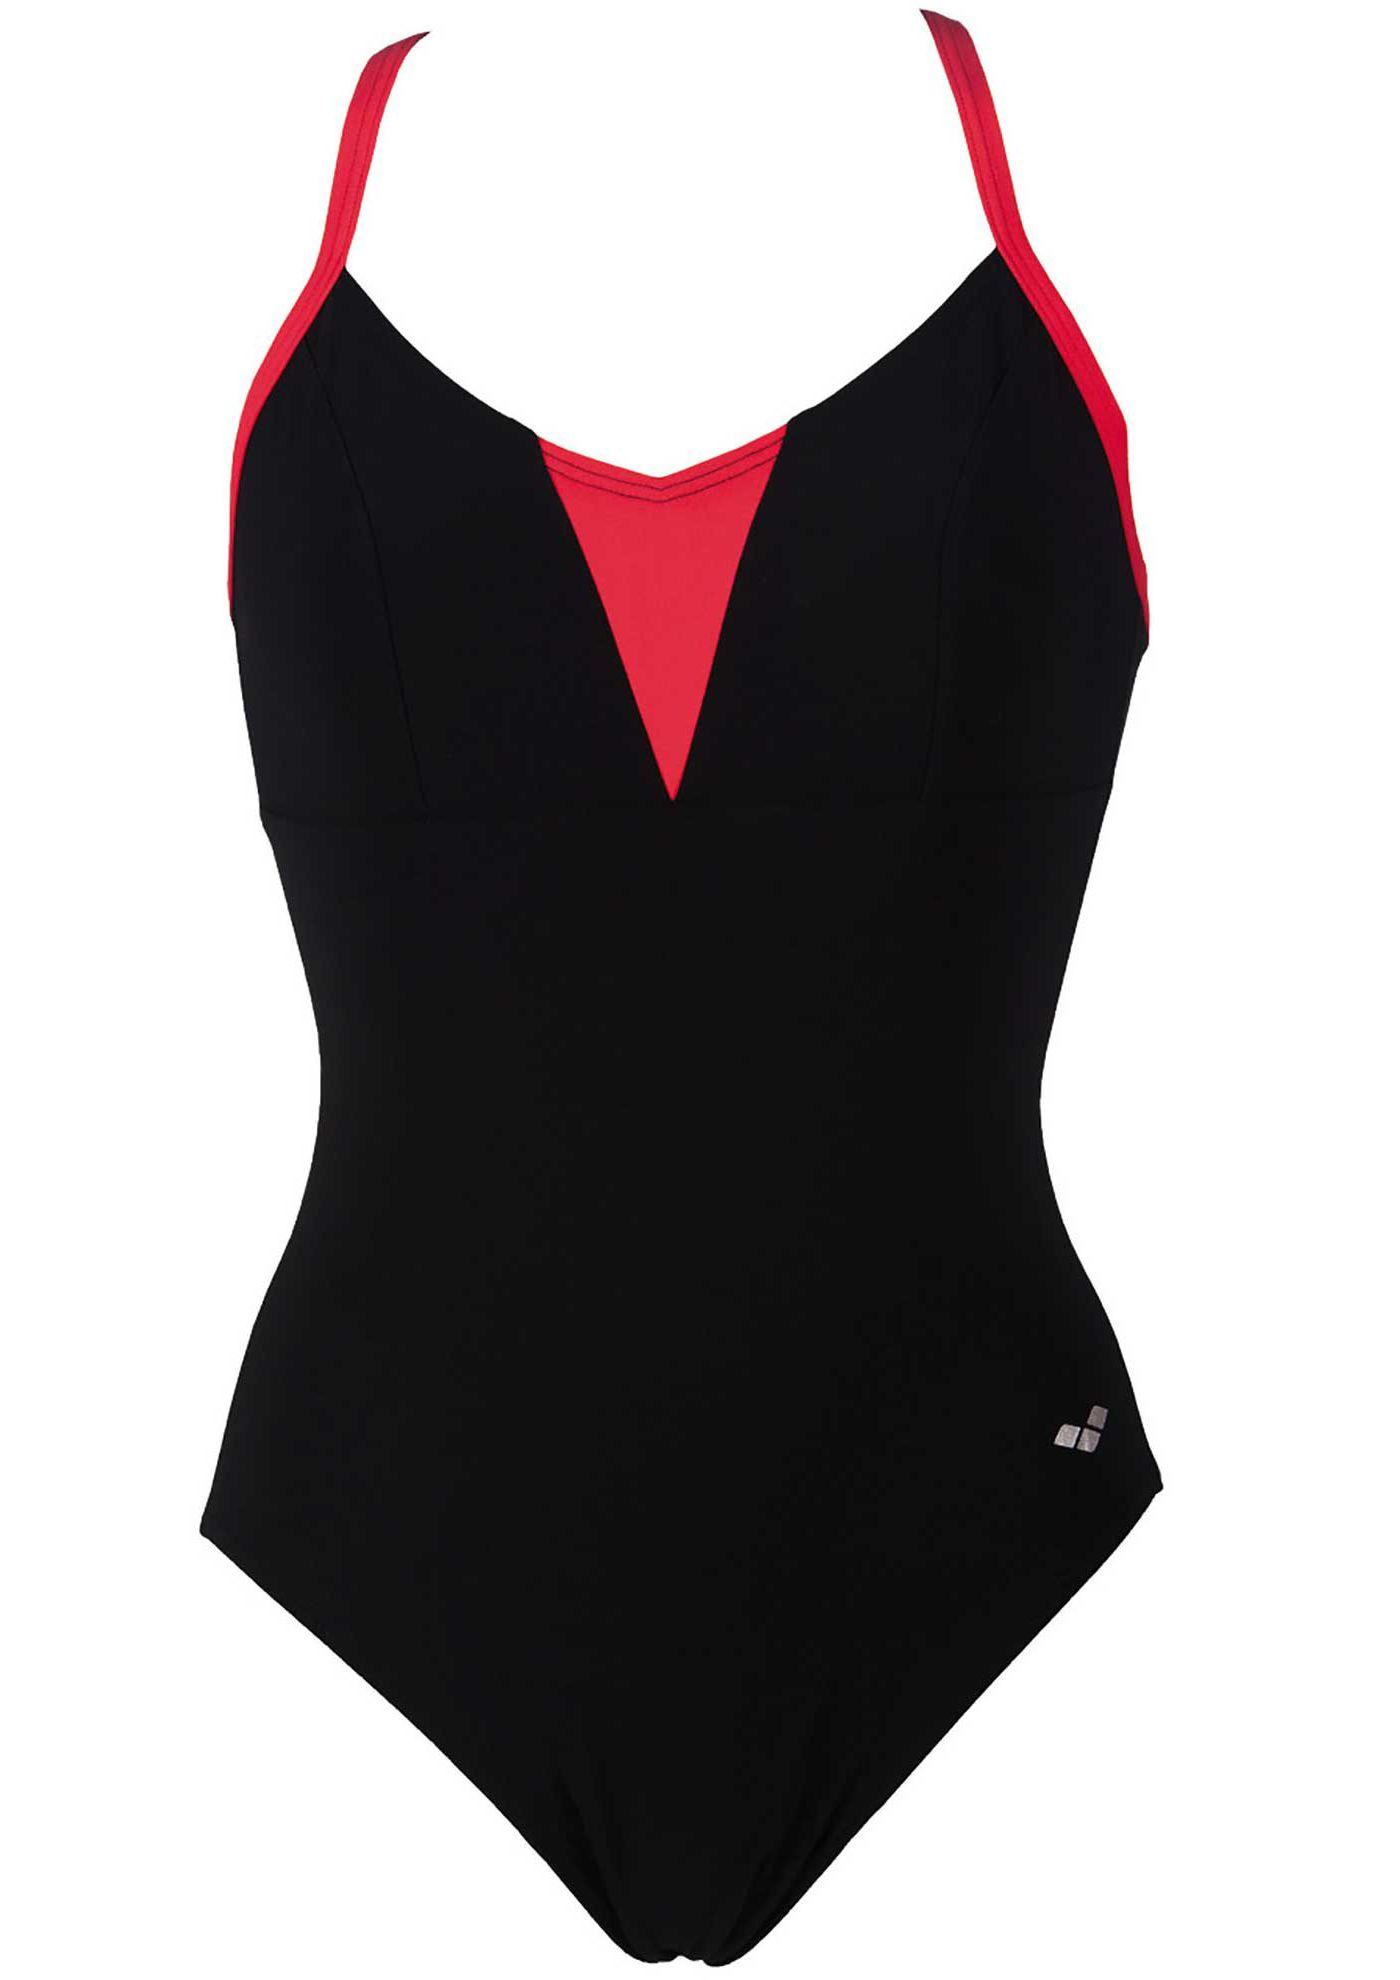 arena Women's BodyLift Liz Embrace Cross Back Shapewear Swimsuit